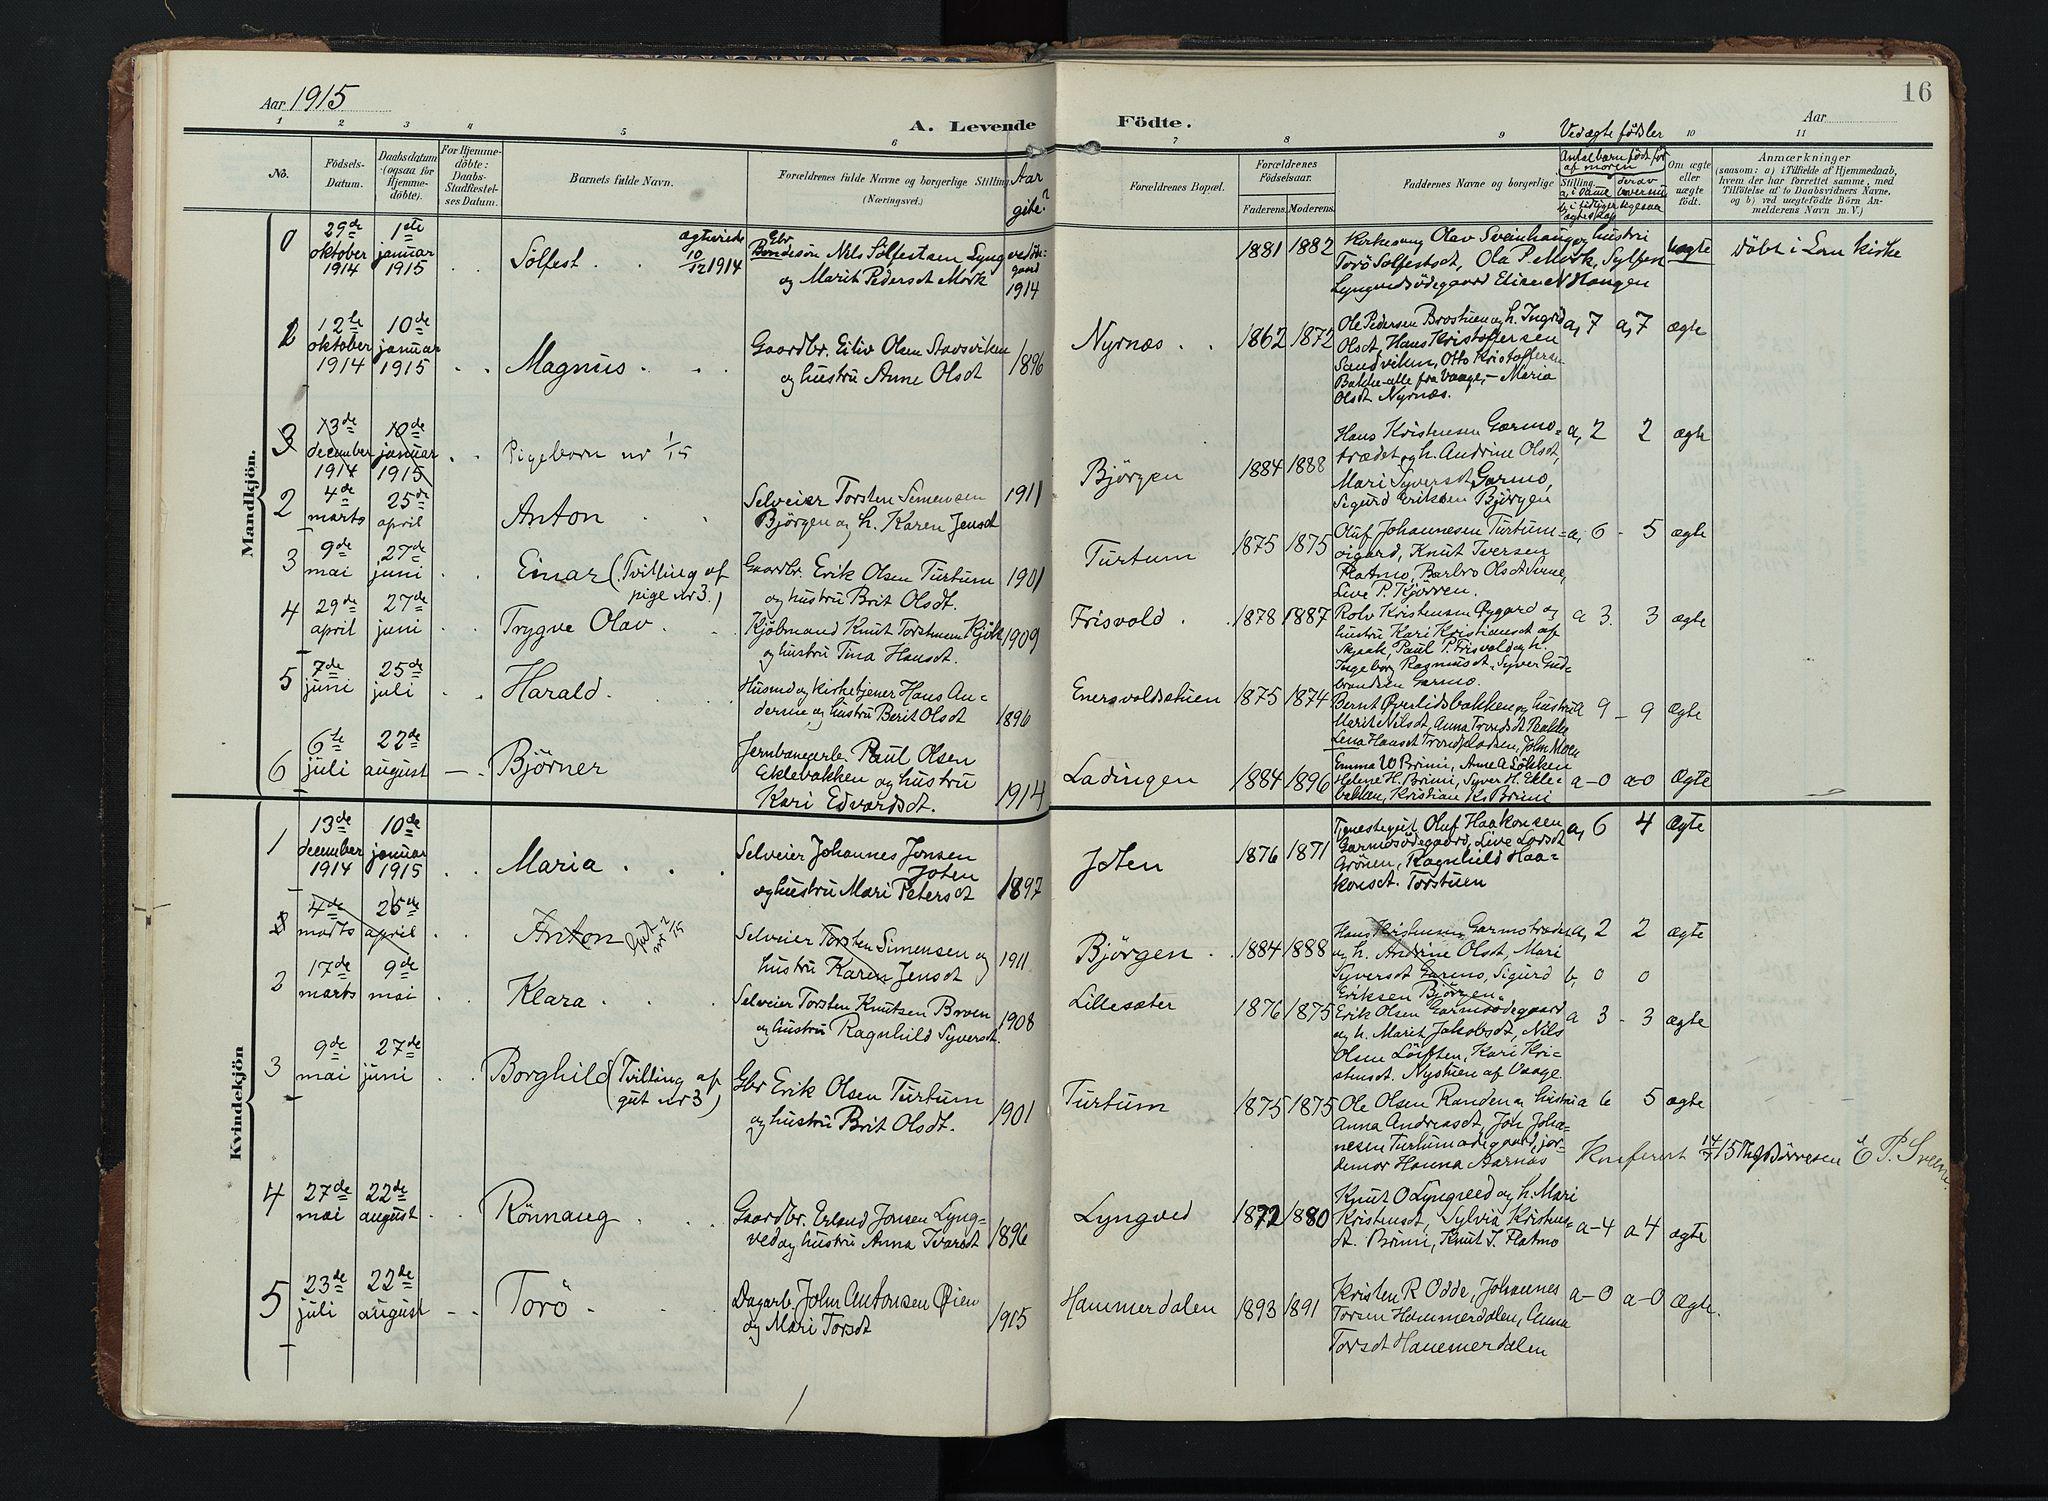 SAH, Lom prestekontor, K/L0011: Ministerialbok nr. 11, 1904-1928, s. 16